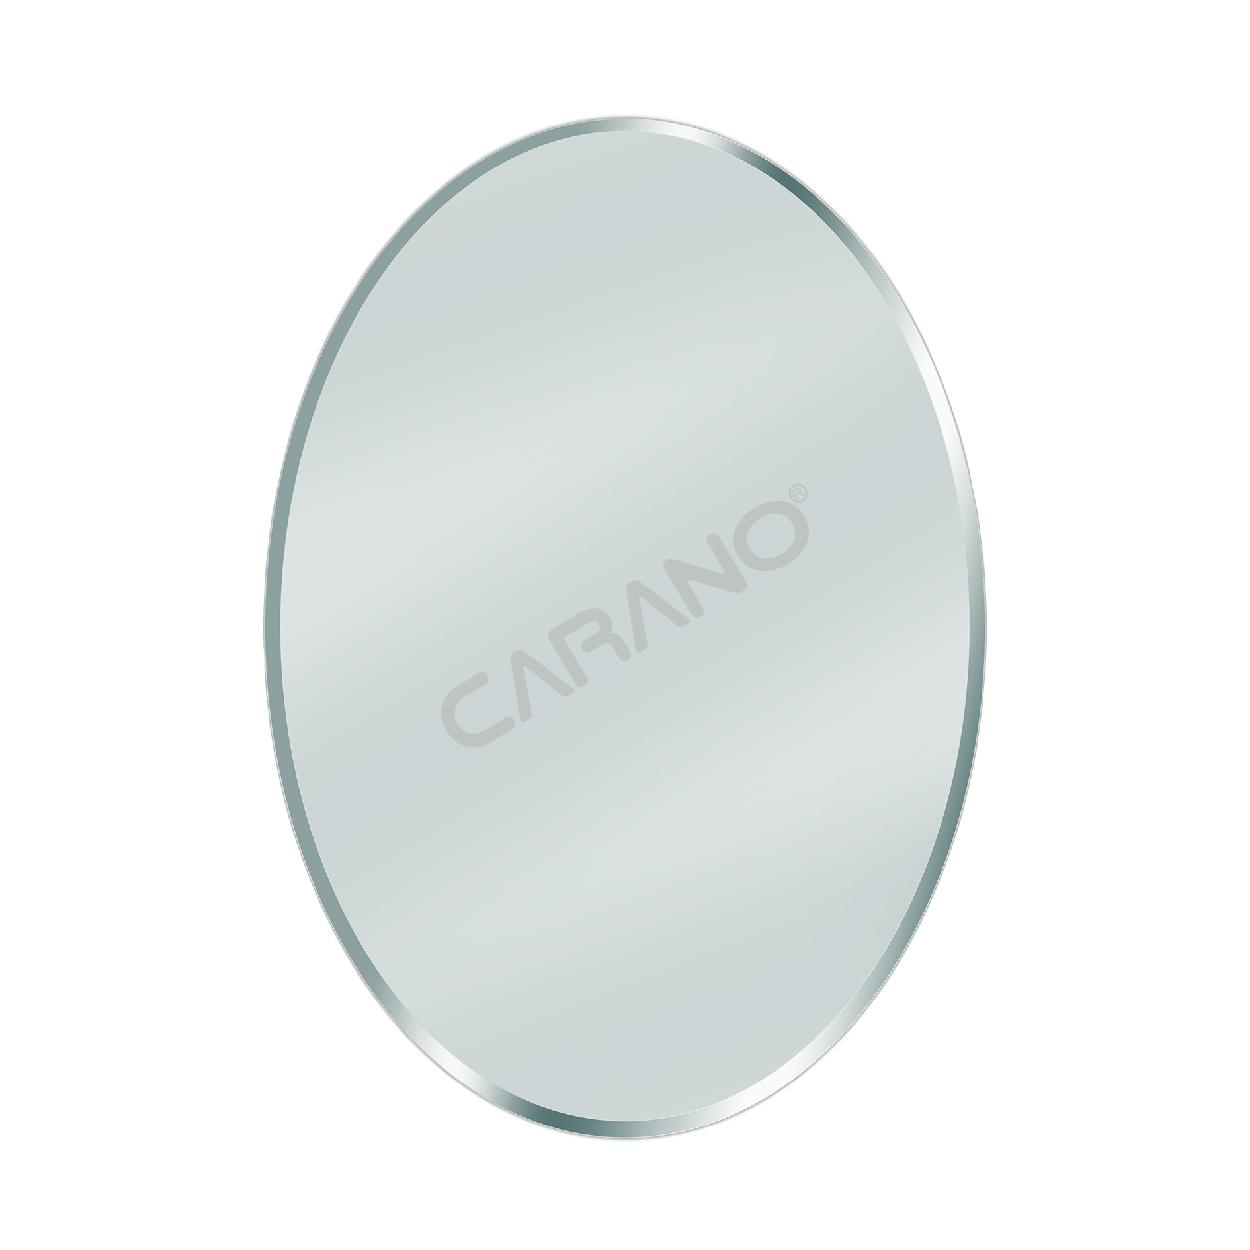 KÍNH OVAL CARANO 400X600 (kính oval model:400x600)